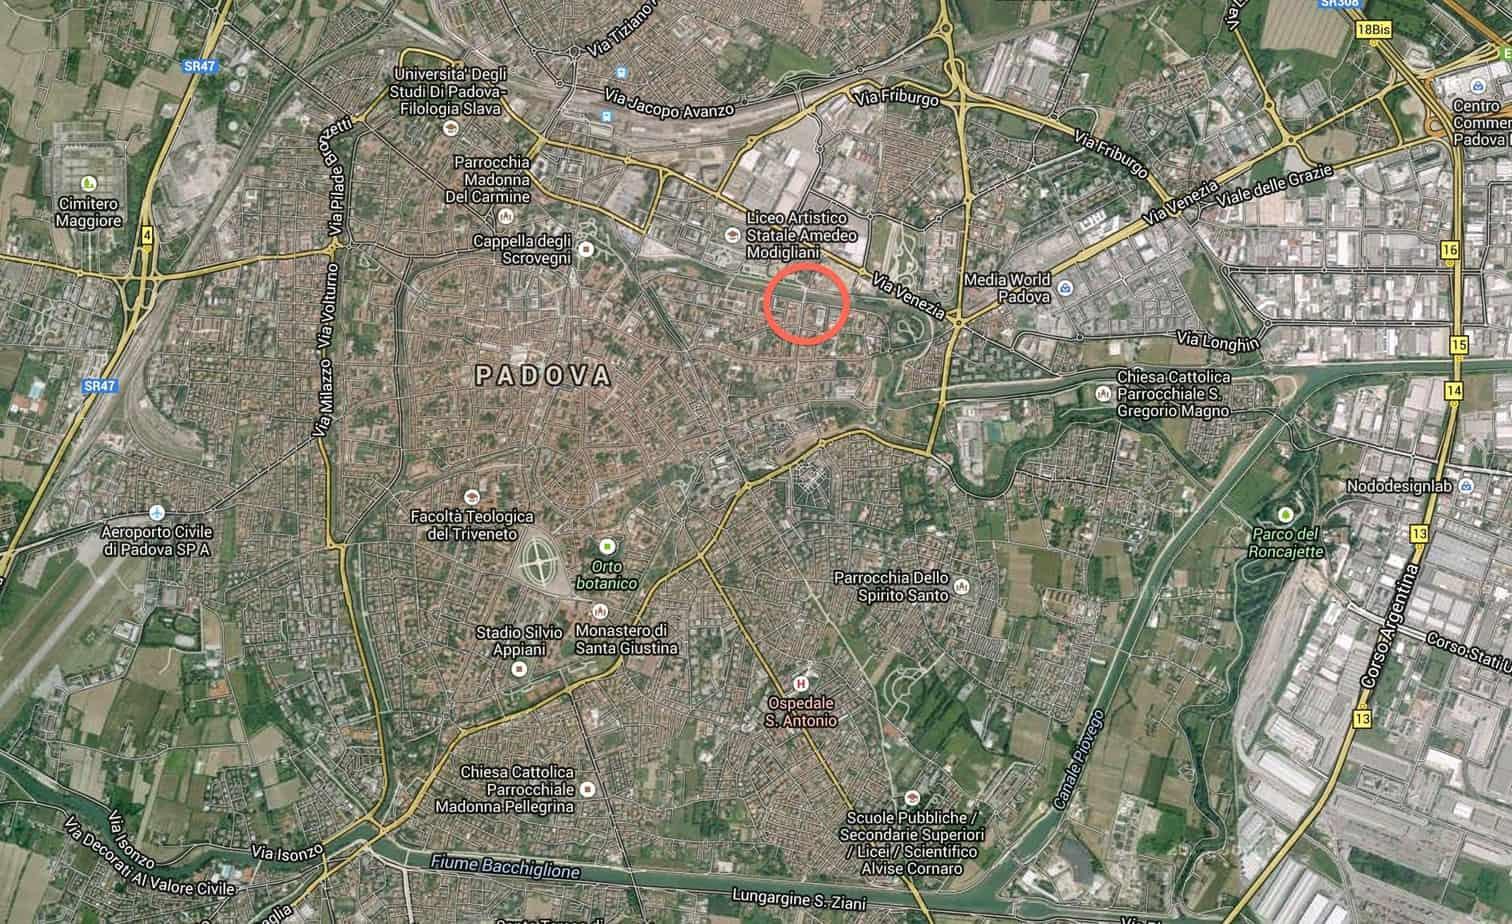 L'ubicazione dell'intervento